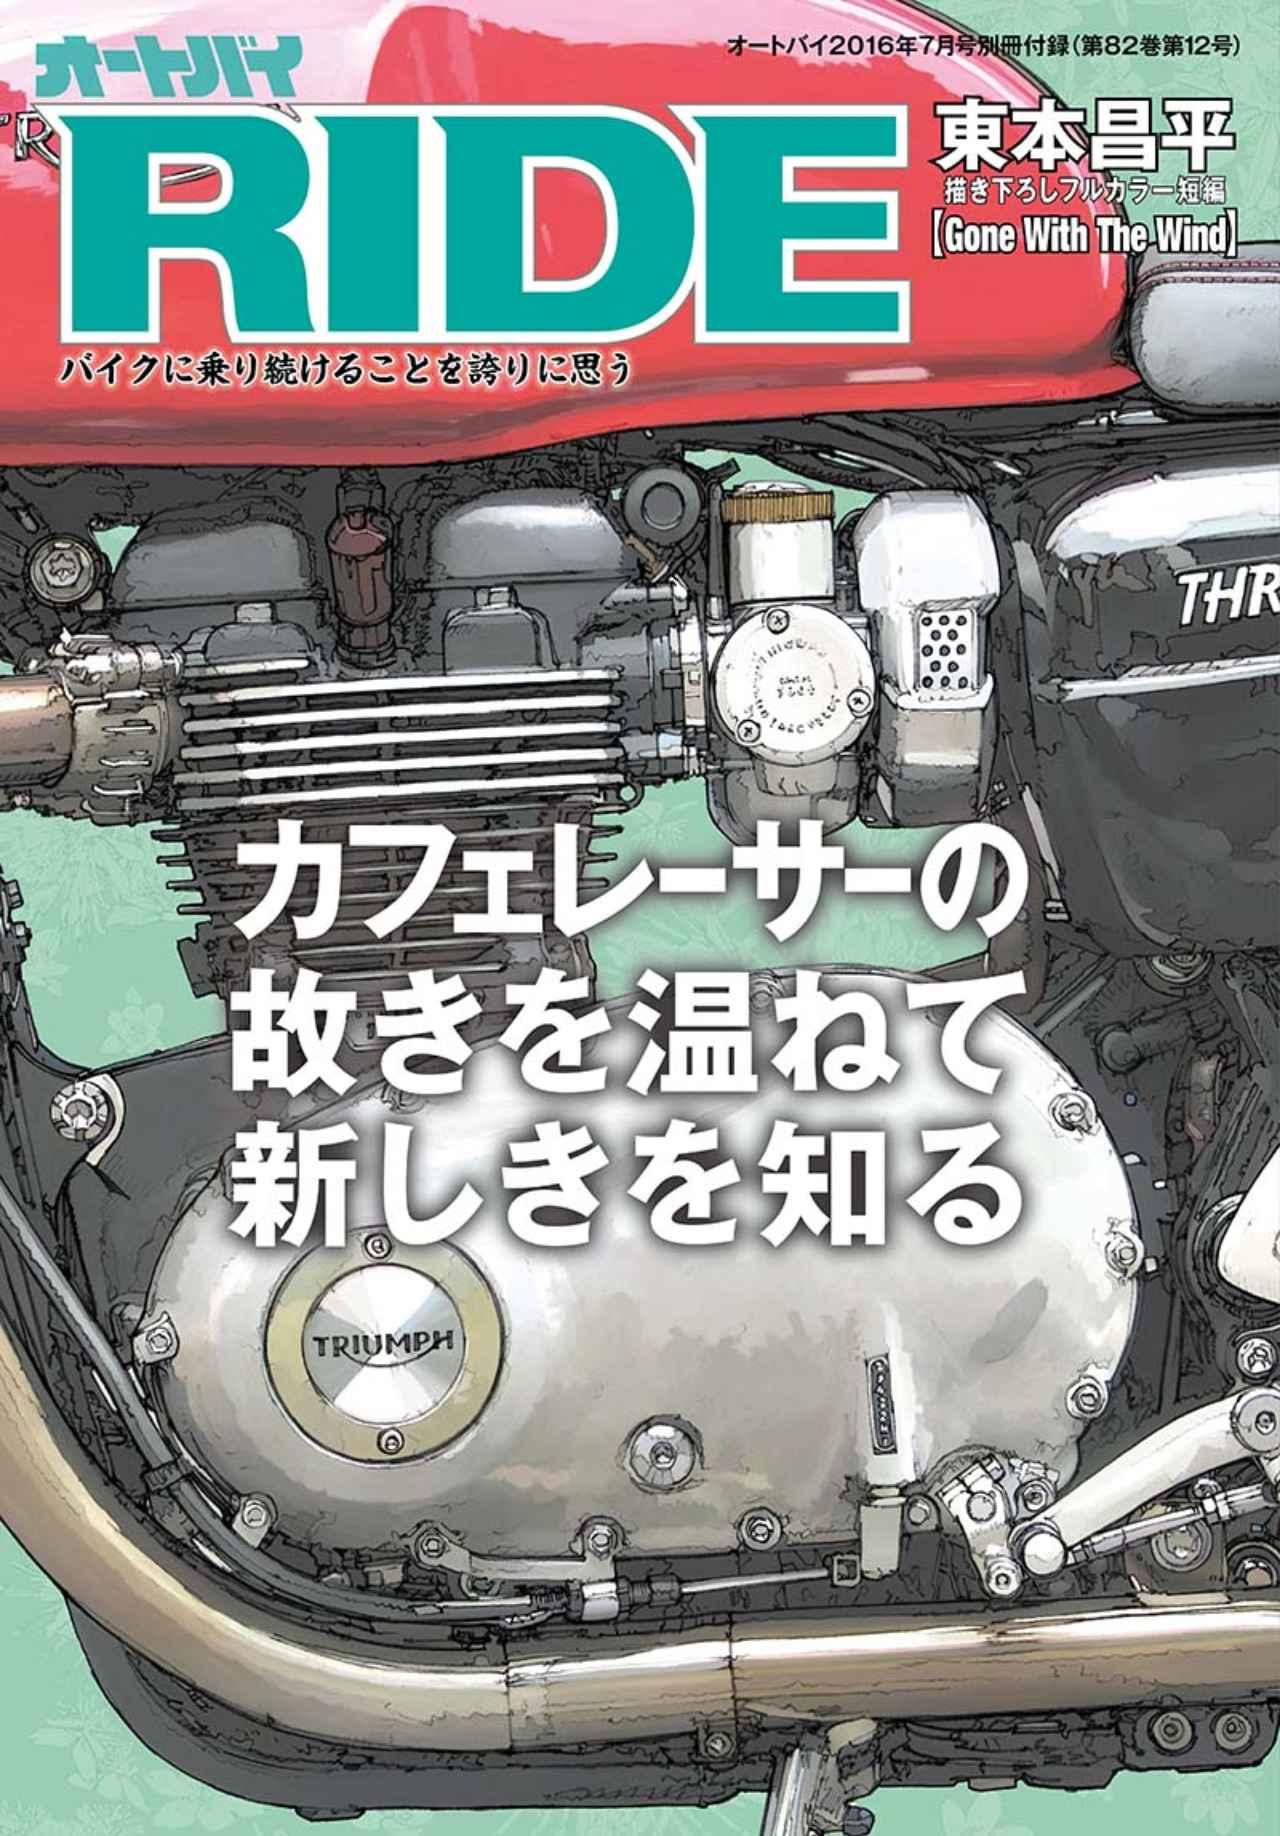 画像1: 新生【RIDE】第8号、6月1日(水曜日)発売!!!